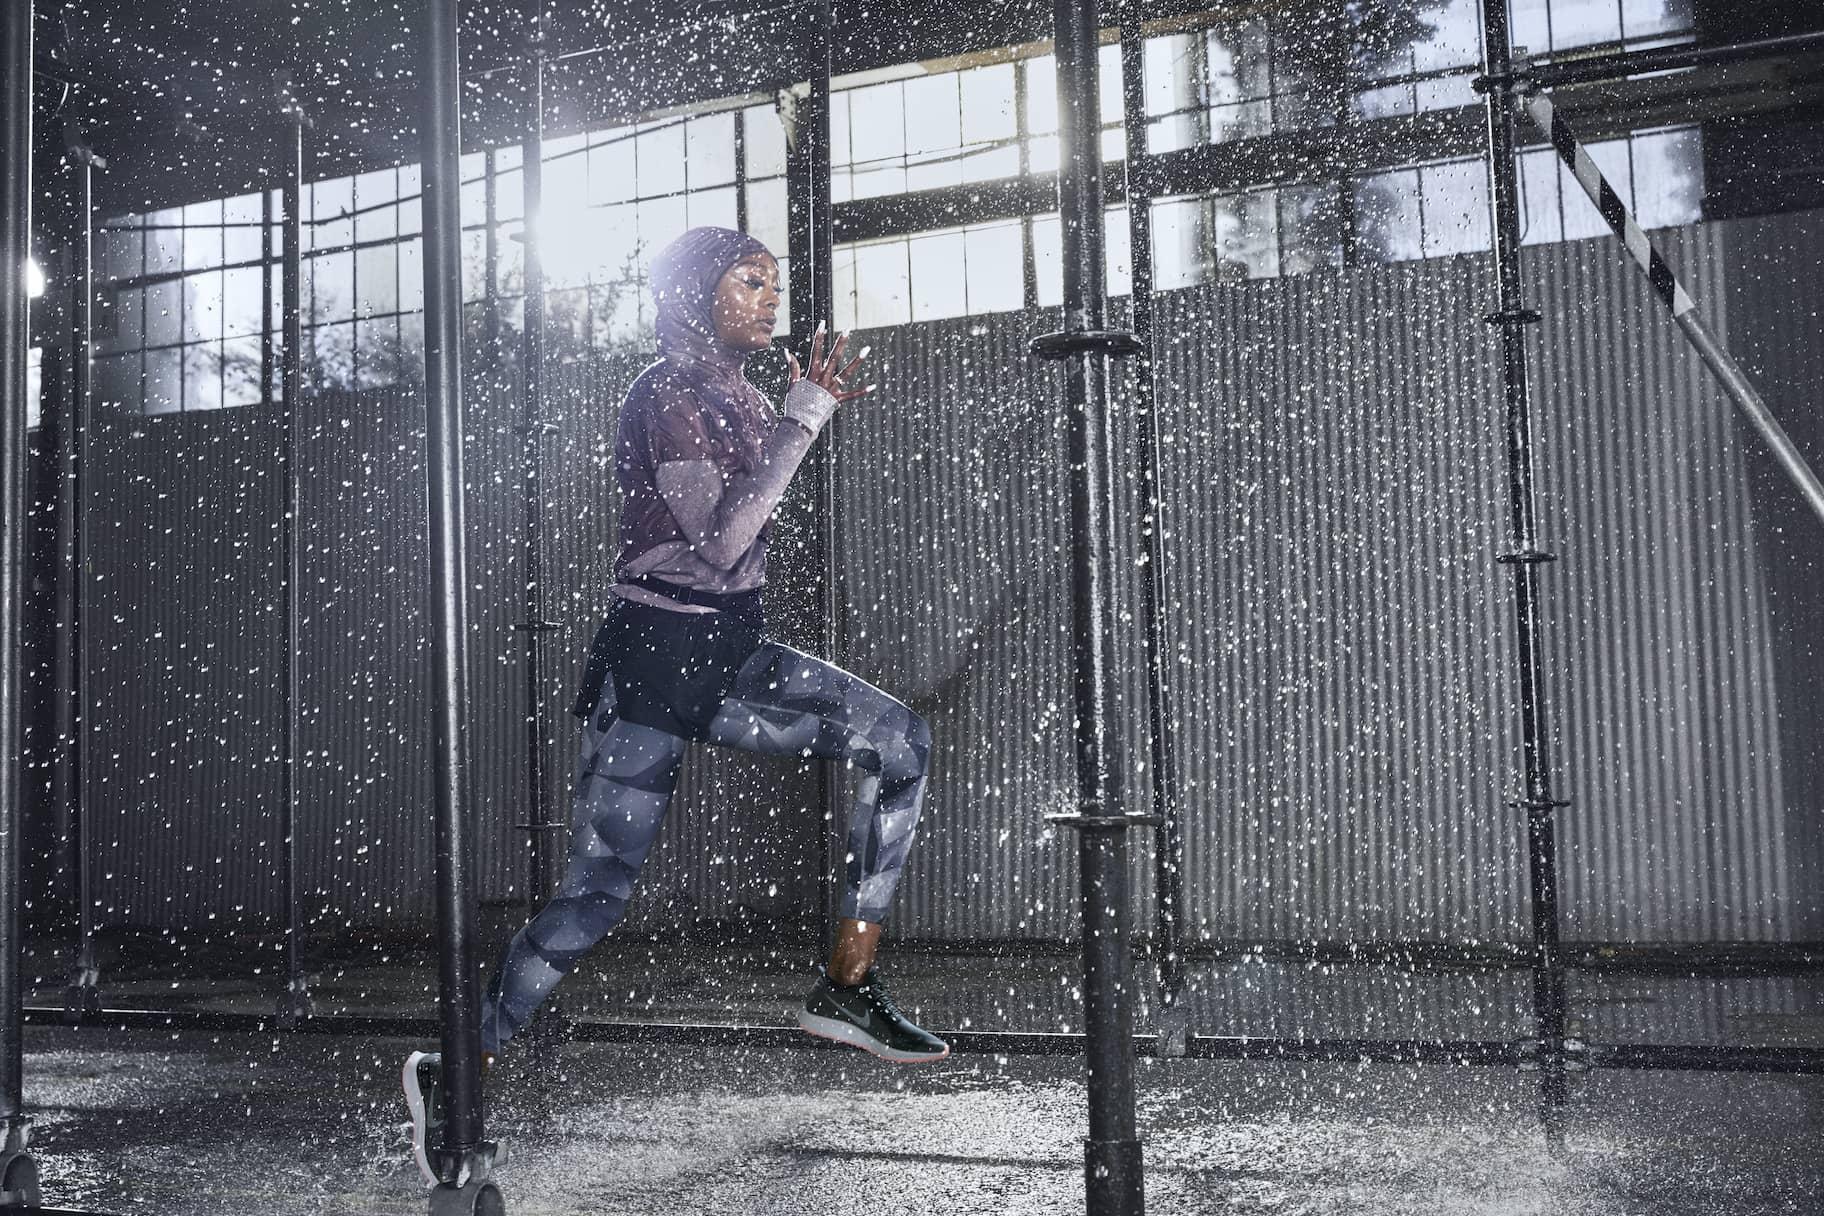 雨の日のランニングに欠かせない防水ランニングギア